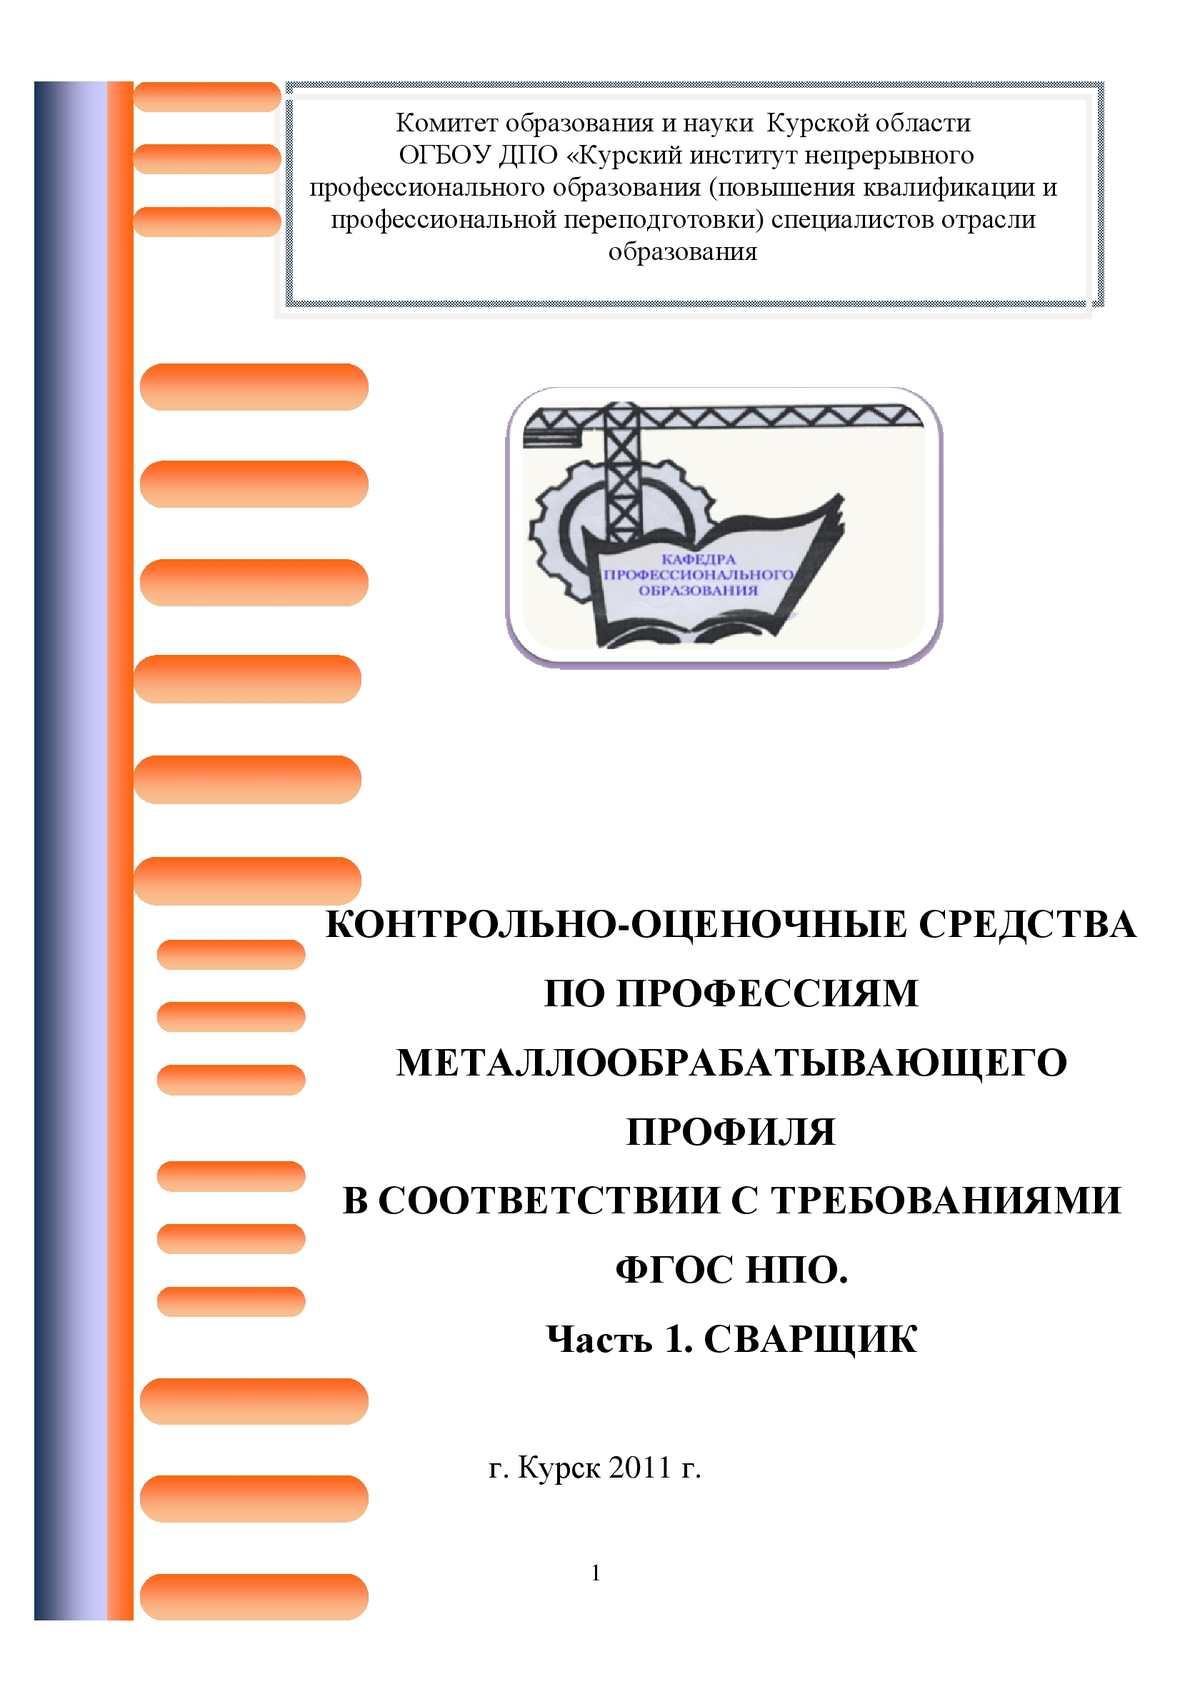 инструкция для учебной слесарной мастерской